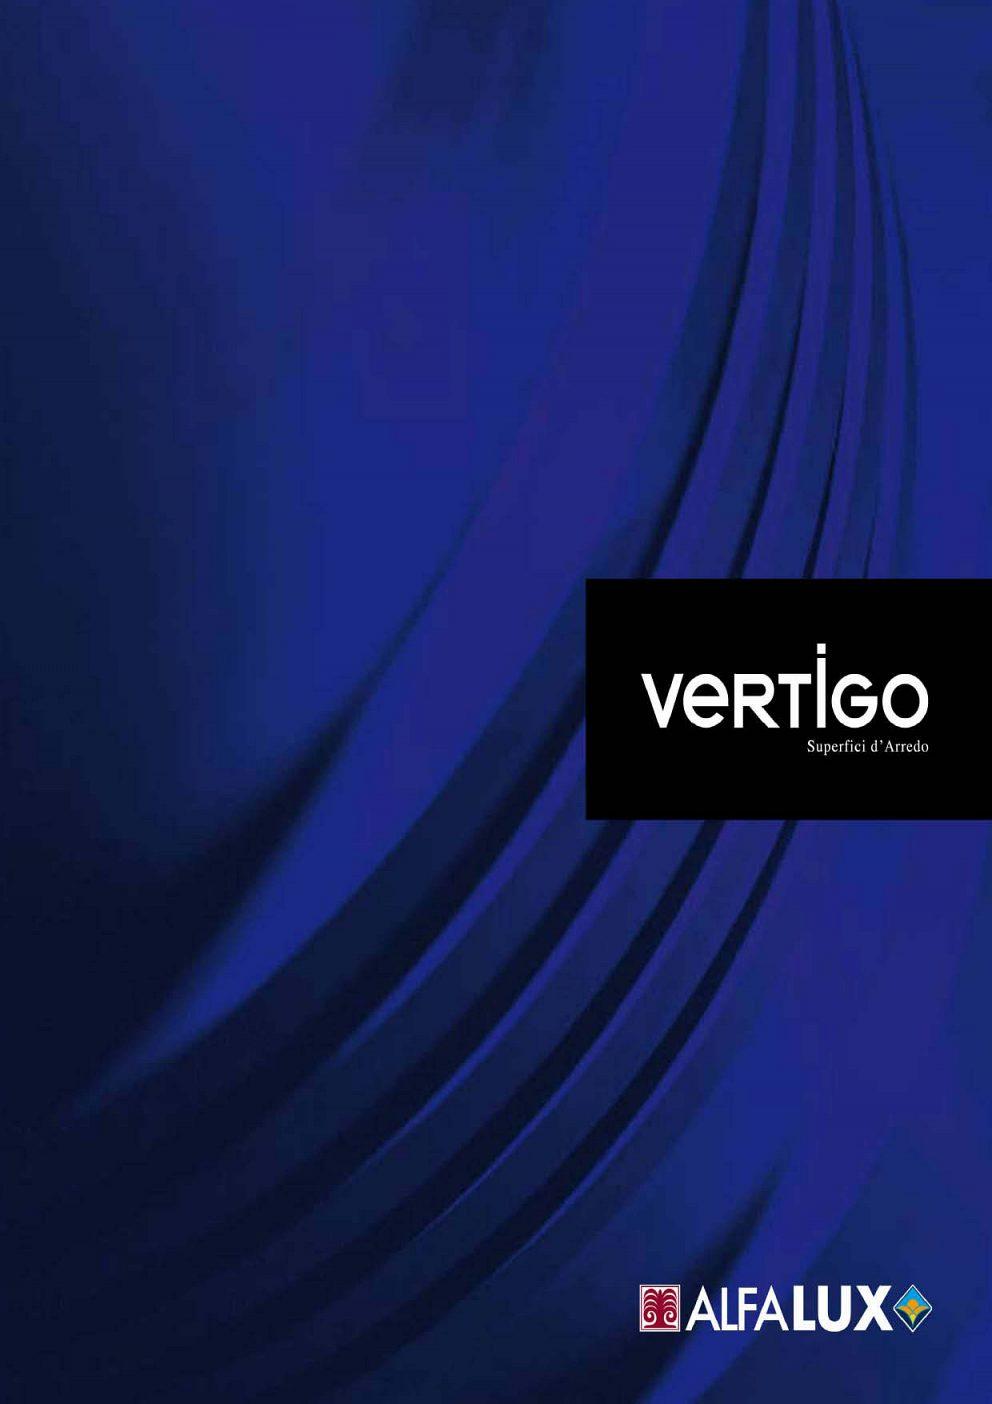 Alfalux - Vertigo